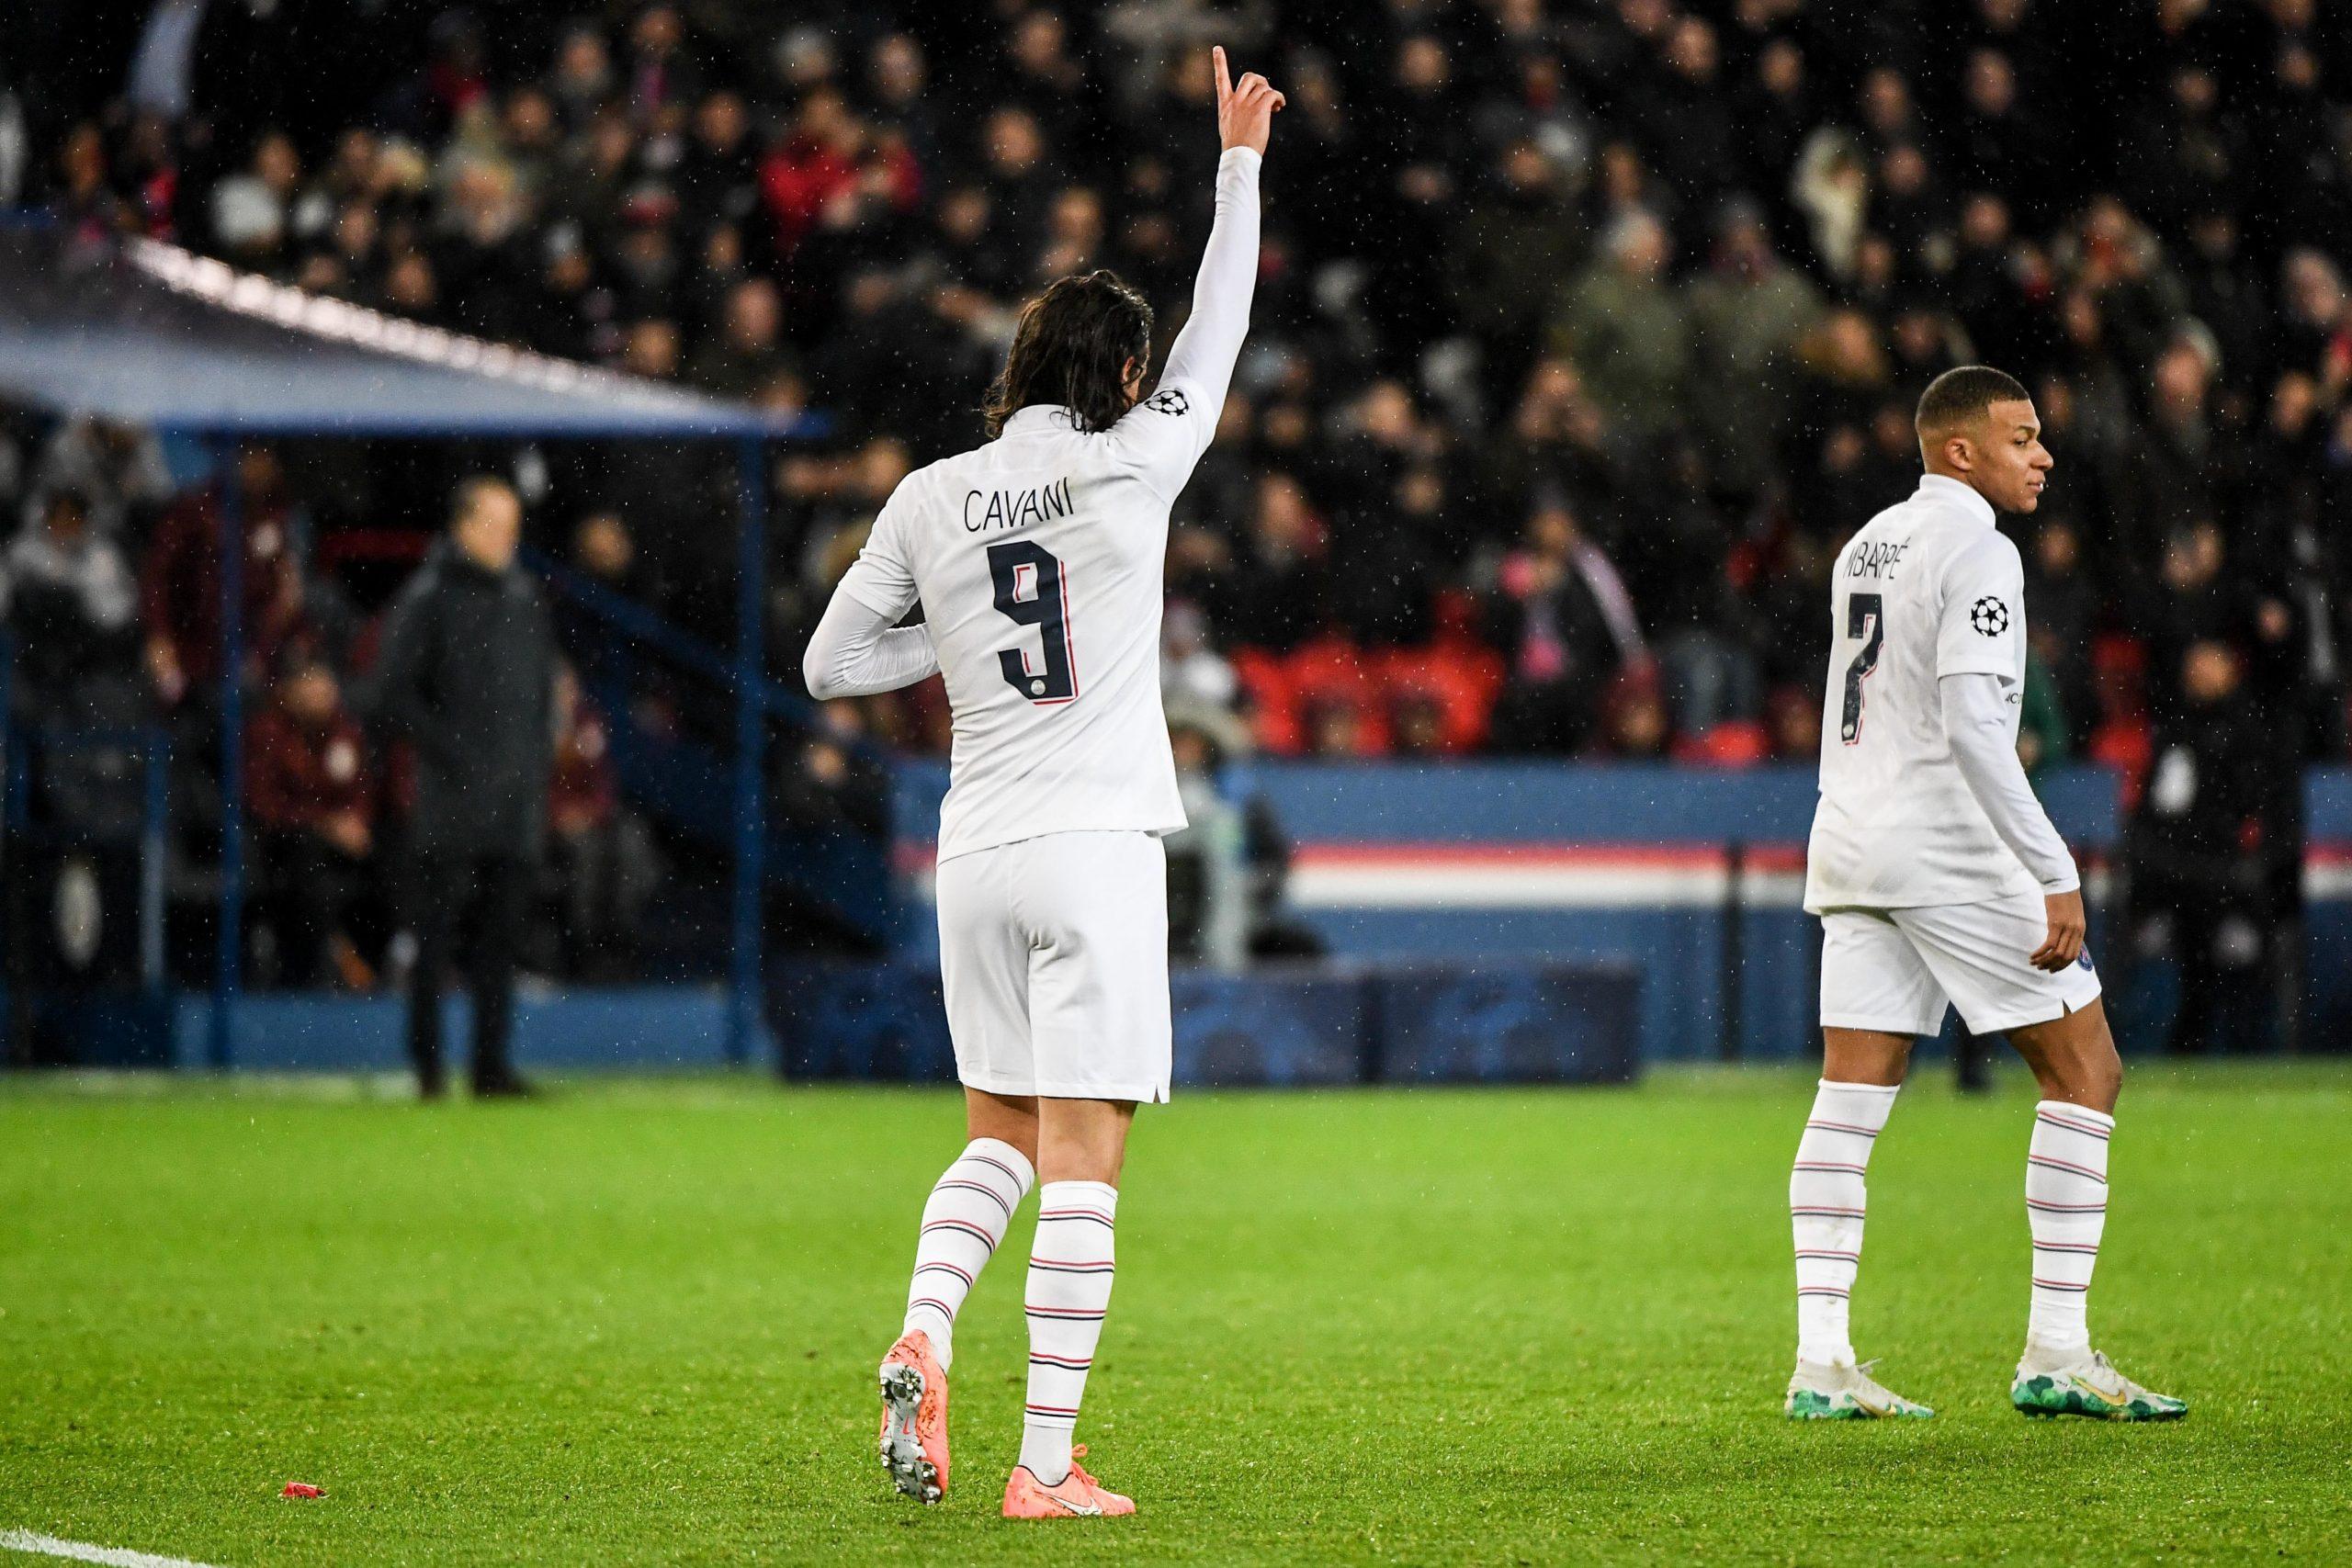 Mercato - L'Equipe fait le point sur le dossier Cavani, avec Chelsea qui pourrait «s'immiscer»